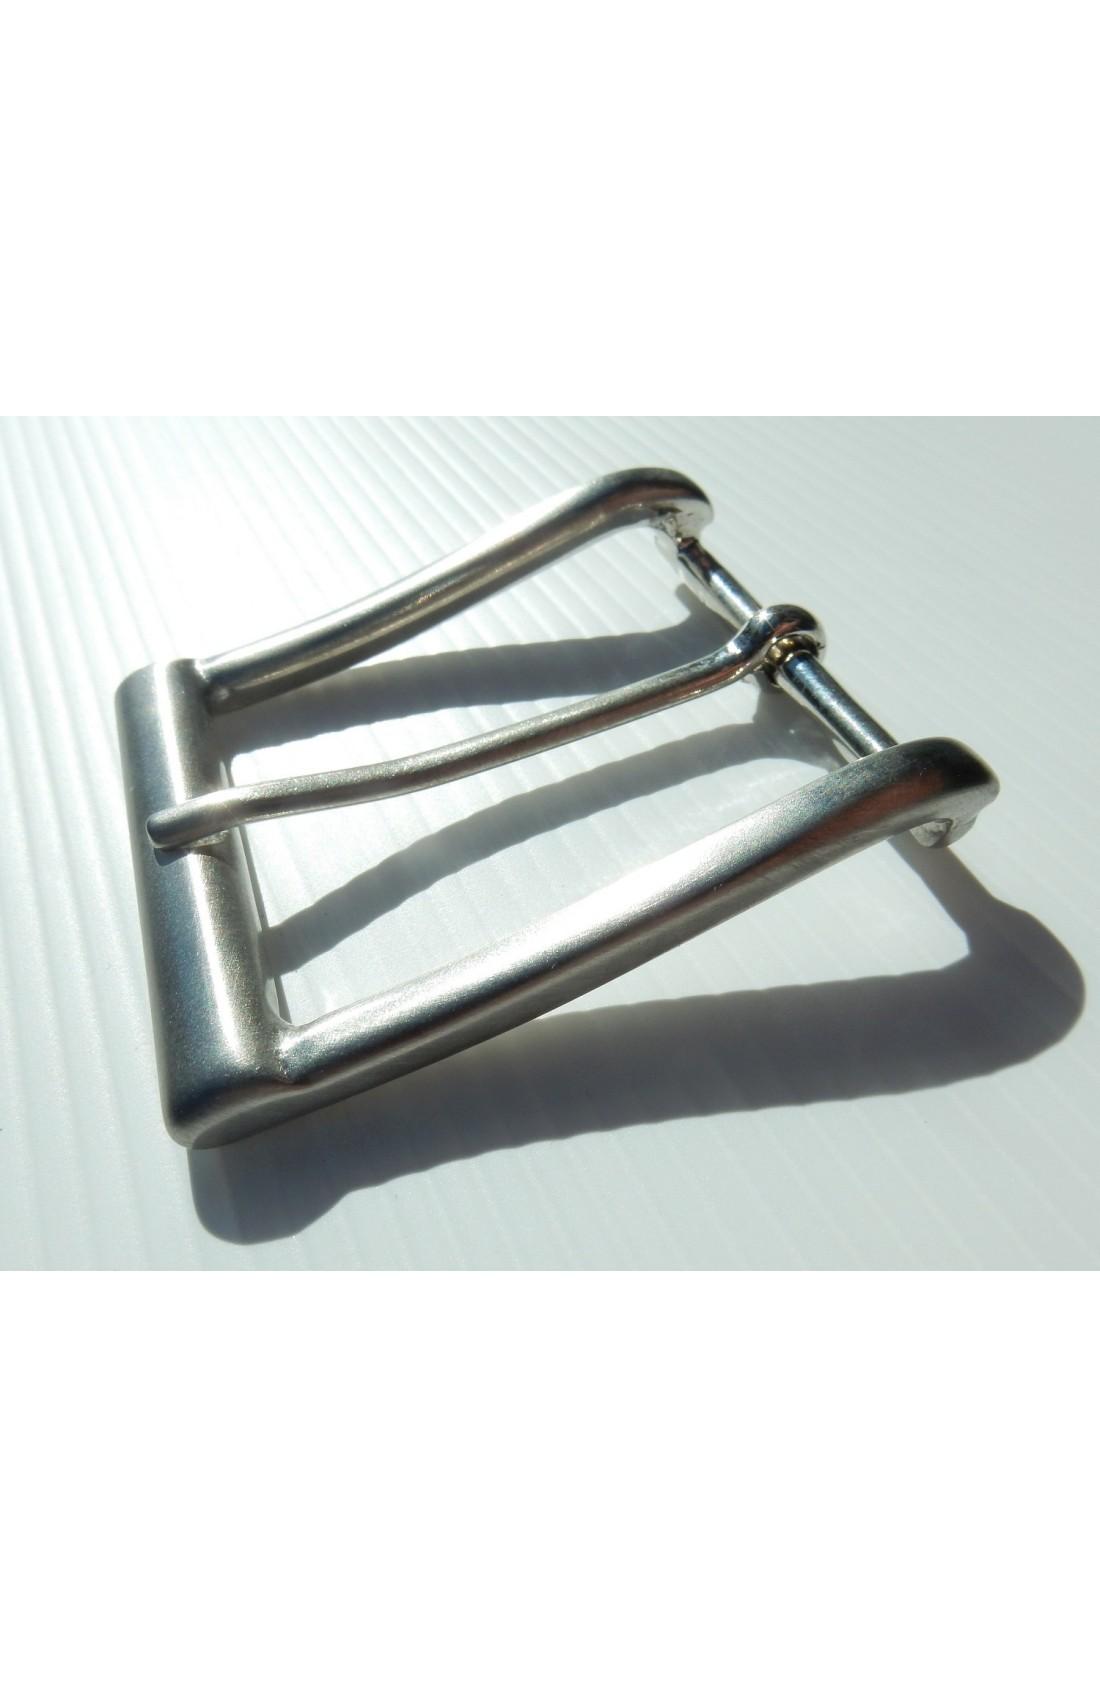 Fibbia Standard B 806 mm.40 nikel satinato (3)